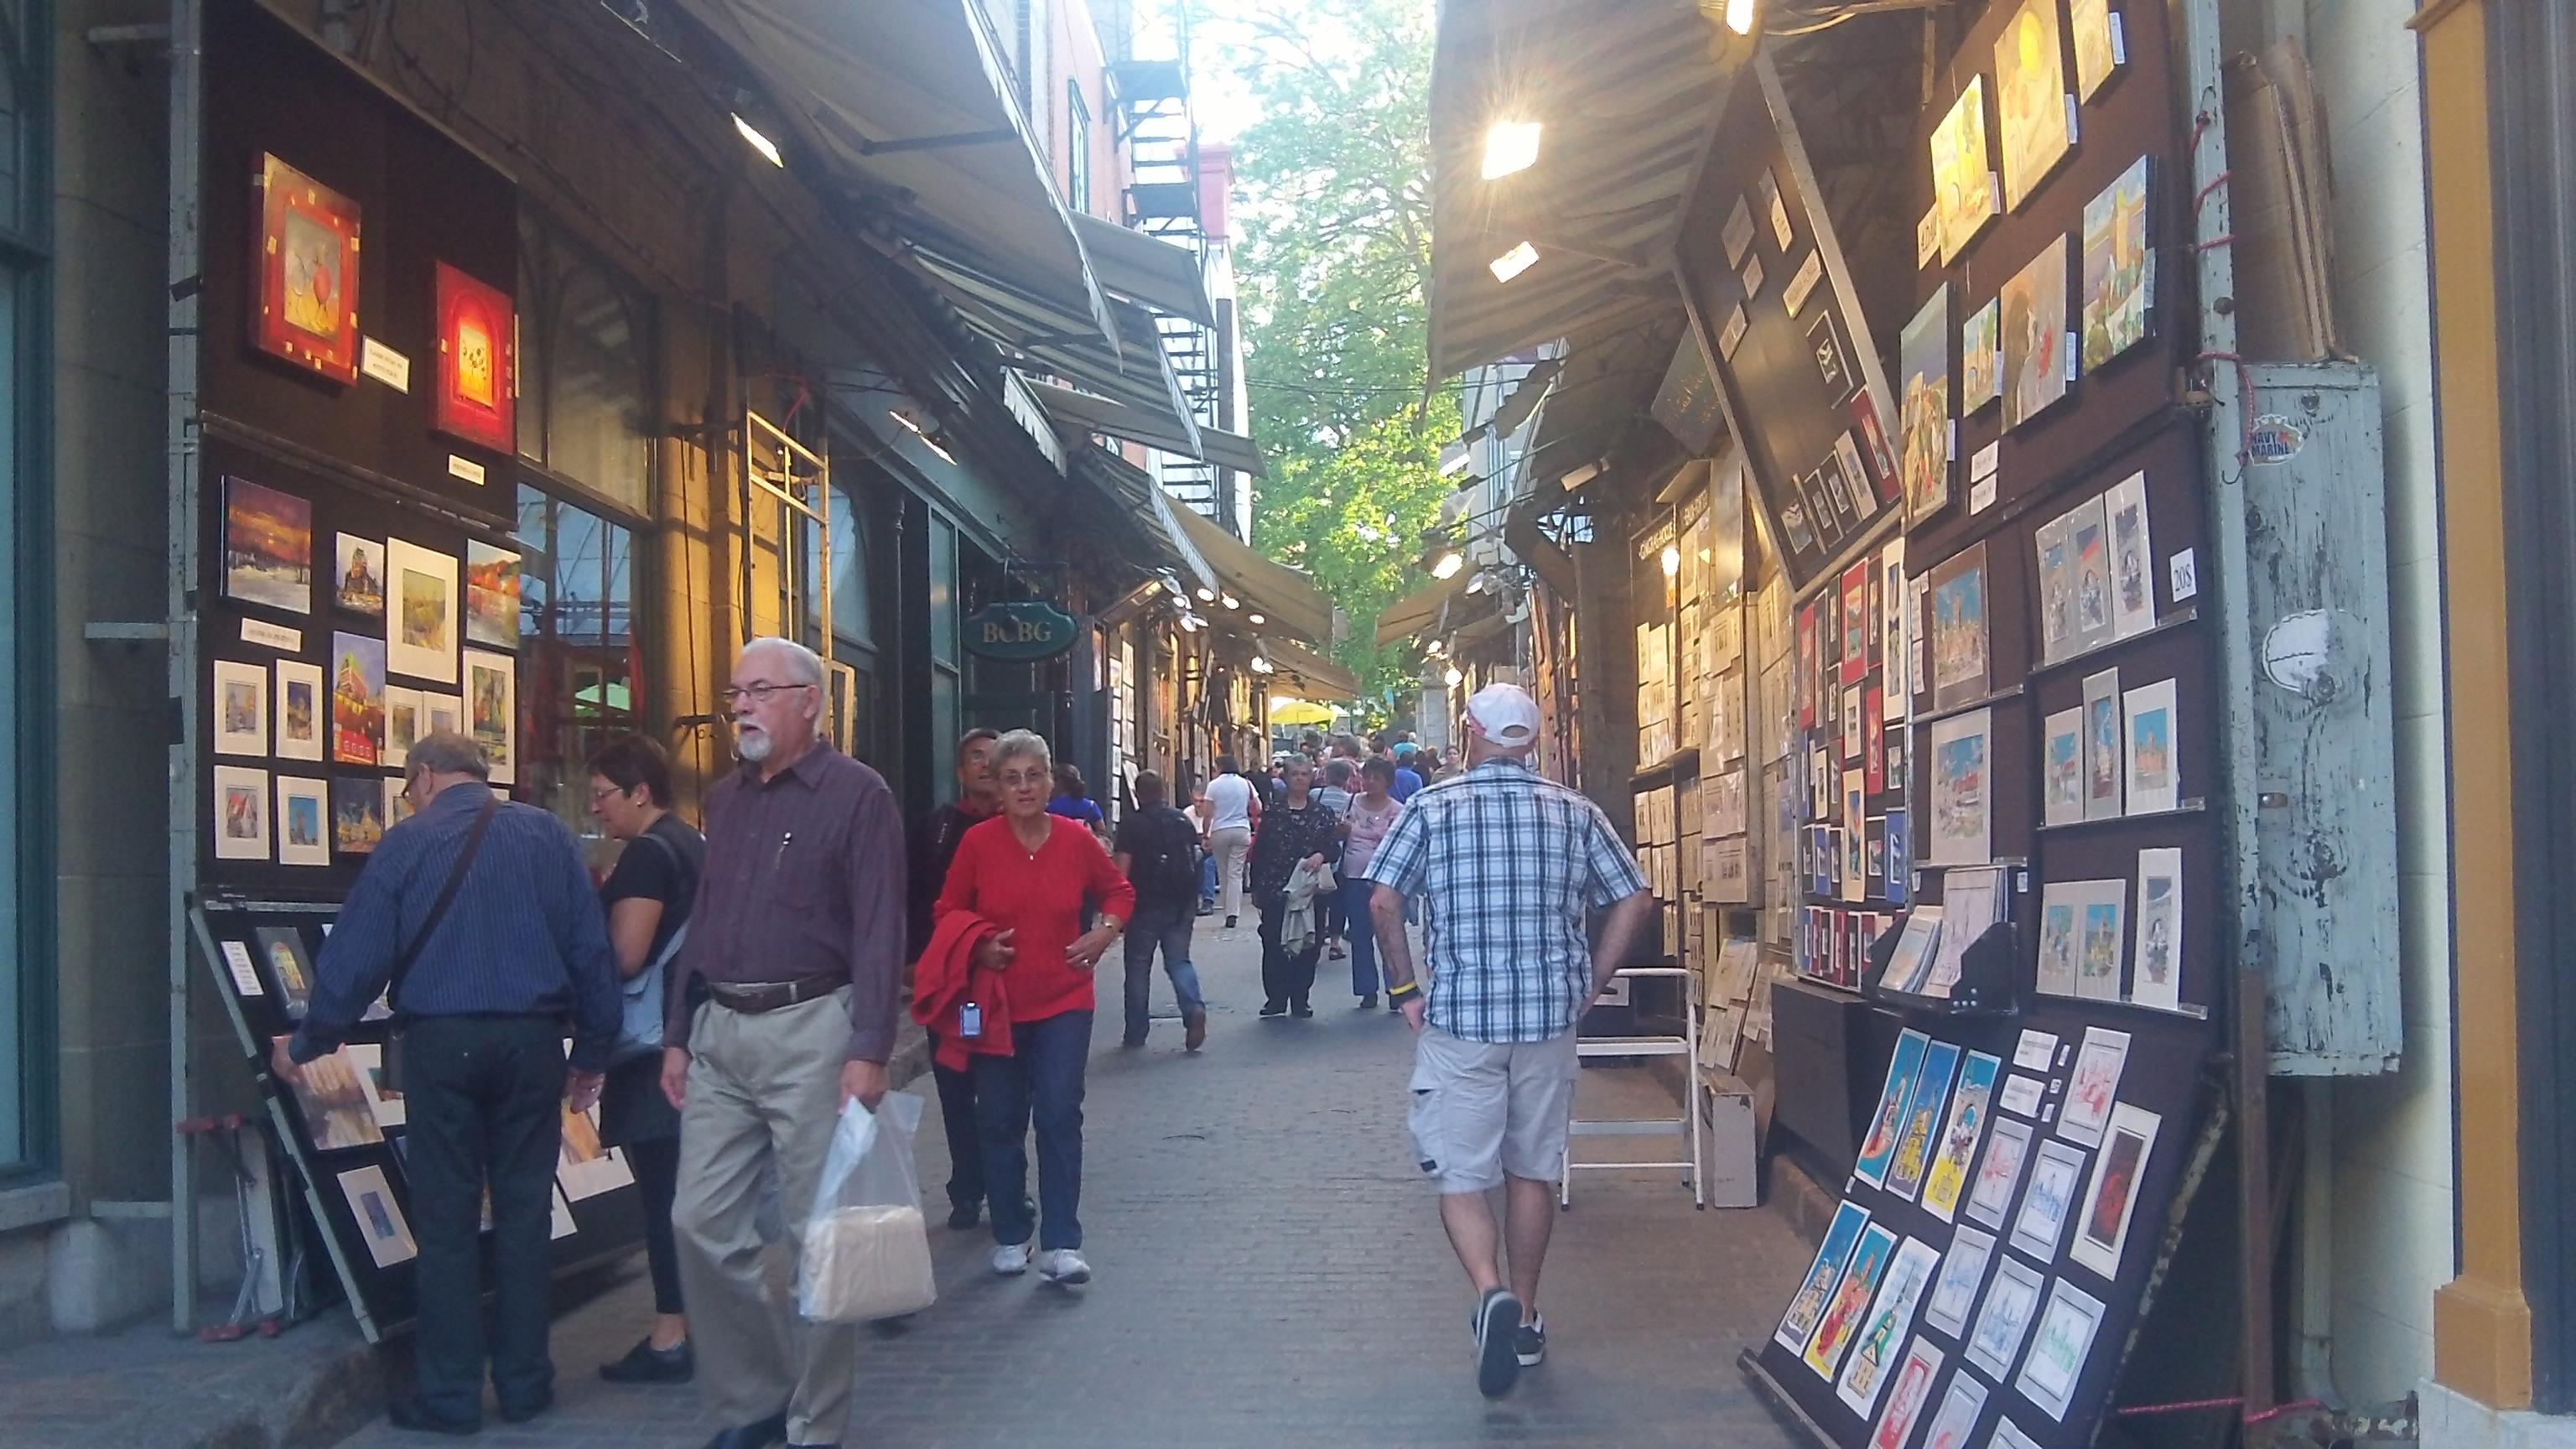 Vous pouvez decouvrir les nombreuses ruelles dans la ville de Quebec c'est un grands plaisir de marcher dedans photos blog voyage tour du monde https://yoytourdumonde.fr